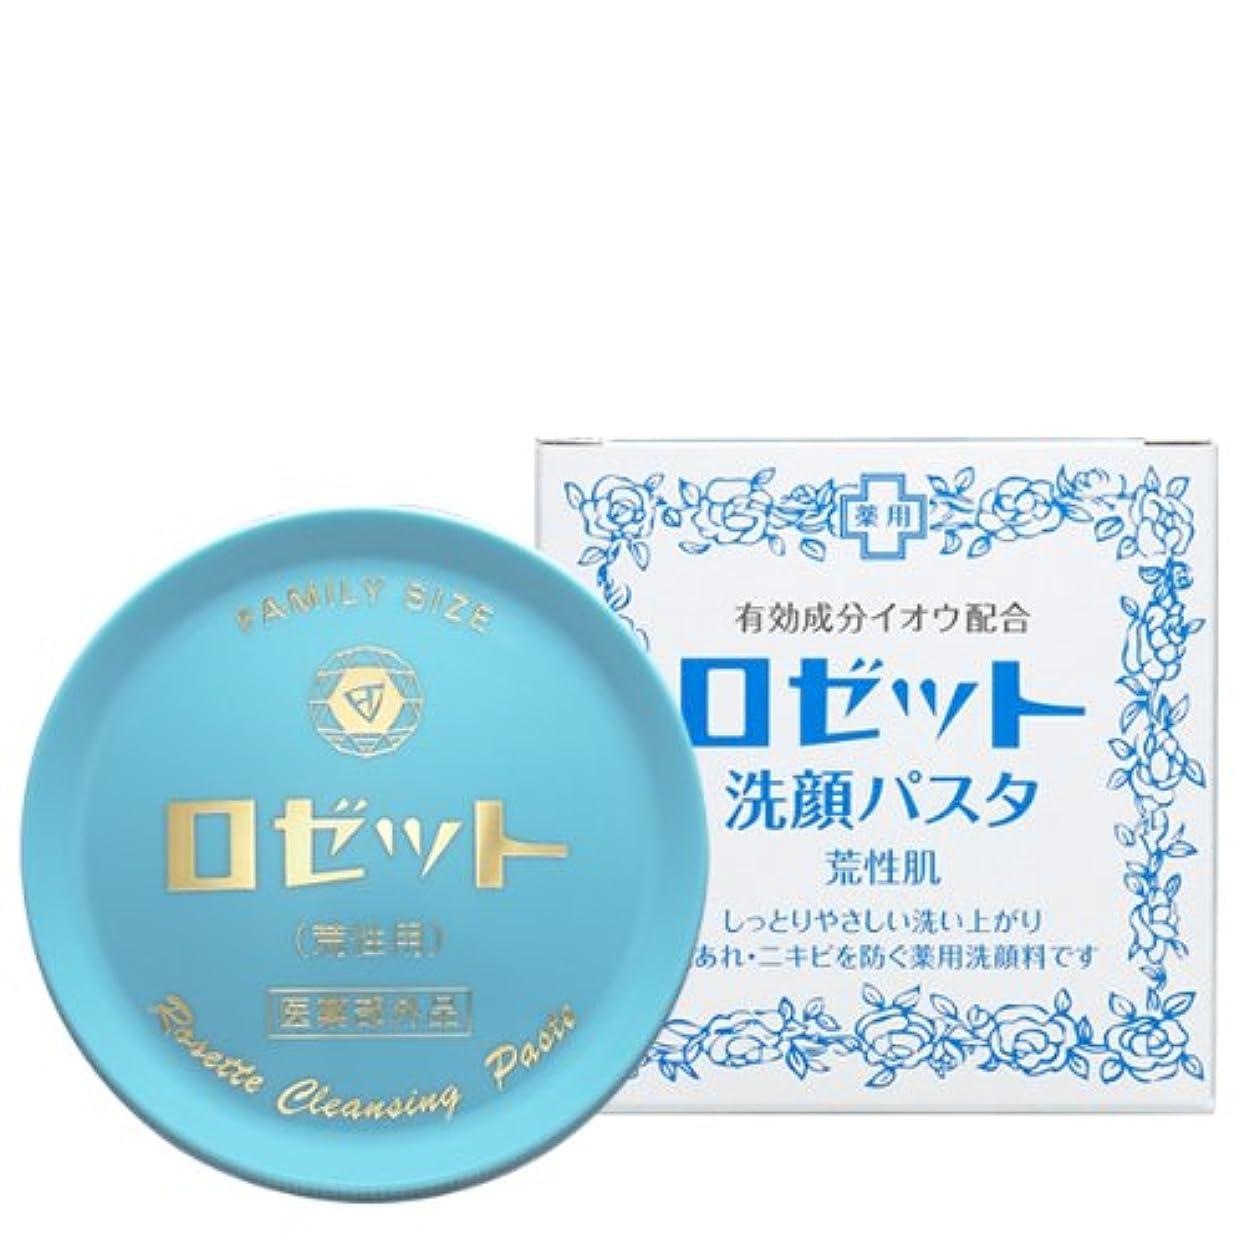 憲法梨首相ロゼット 洗顔パスタ 荒性肌 90g (医薬部外品)